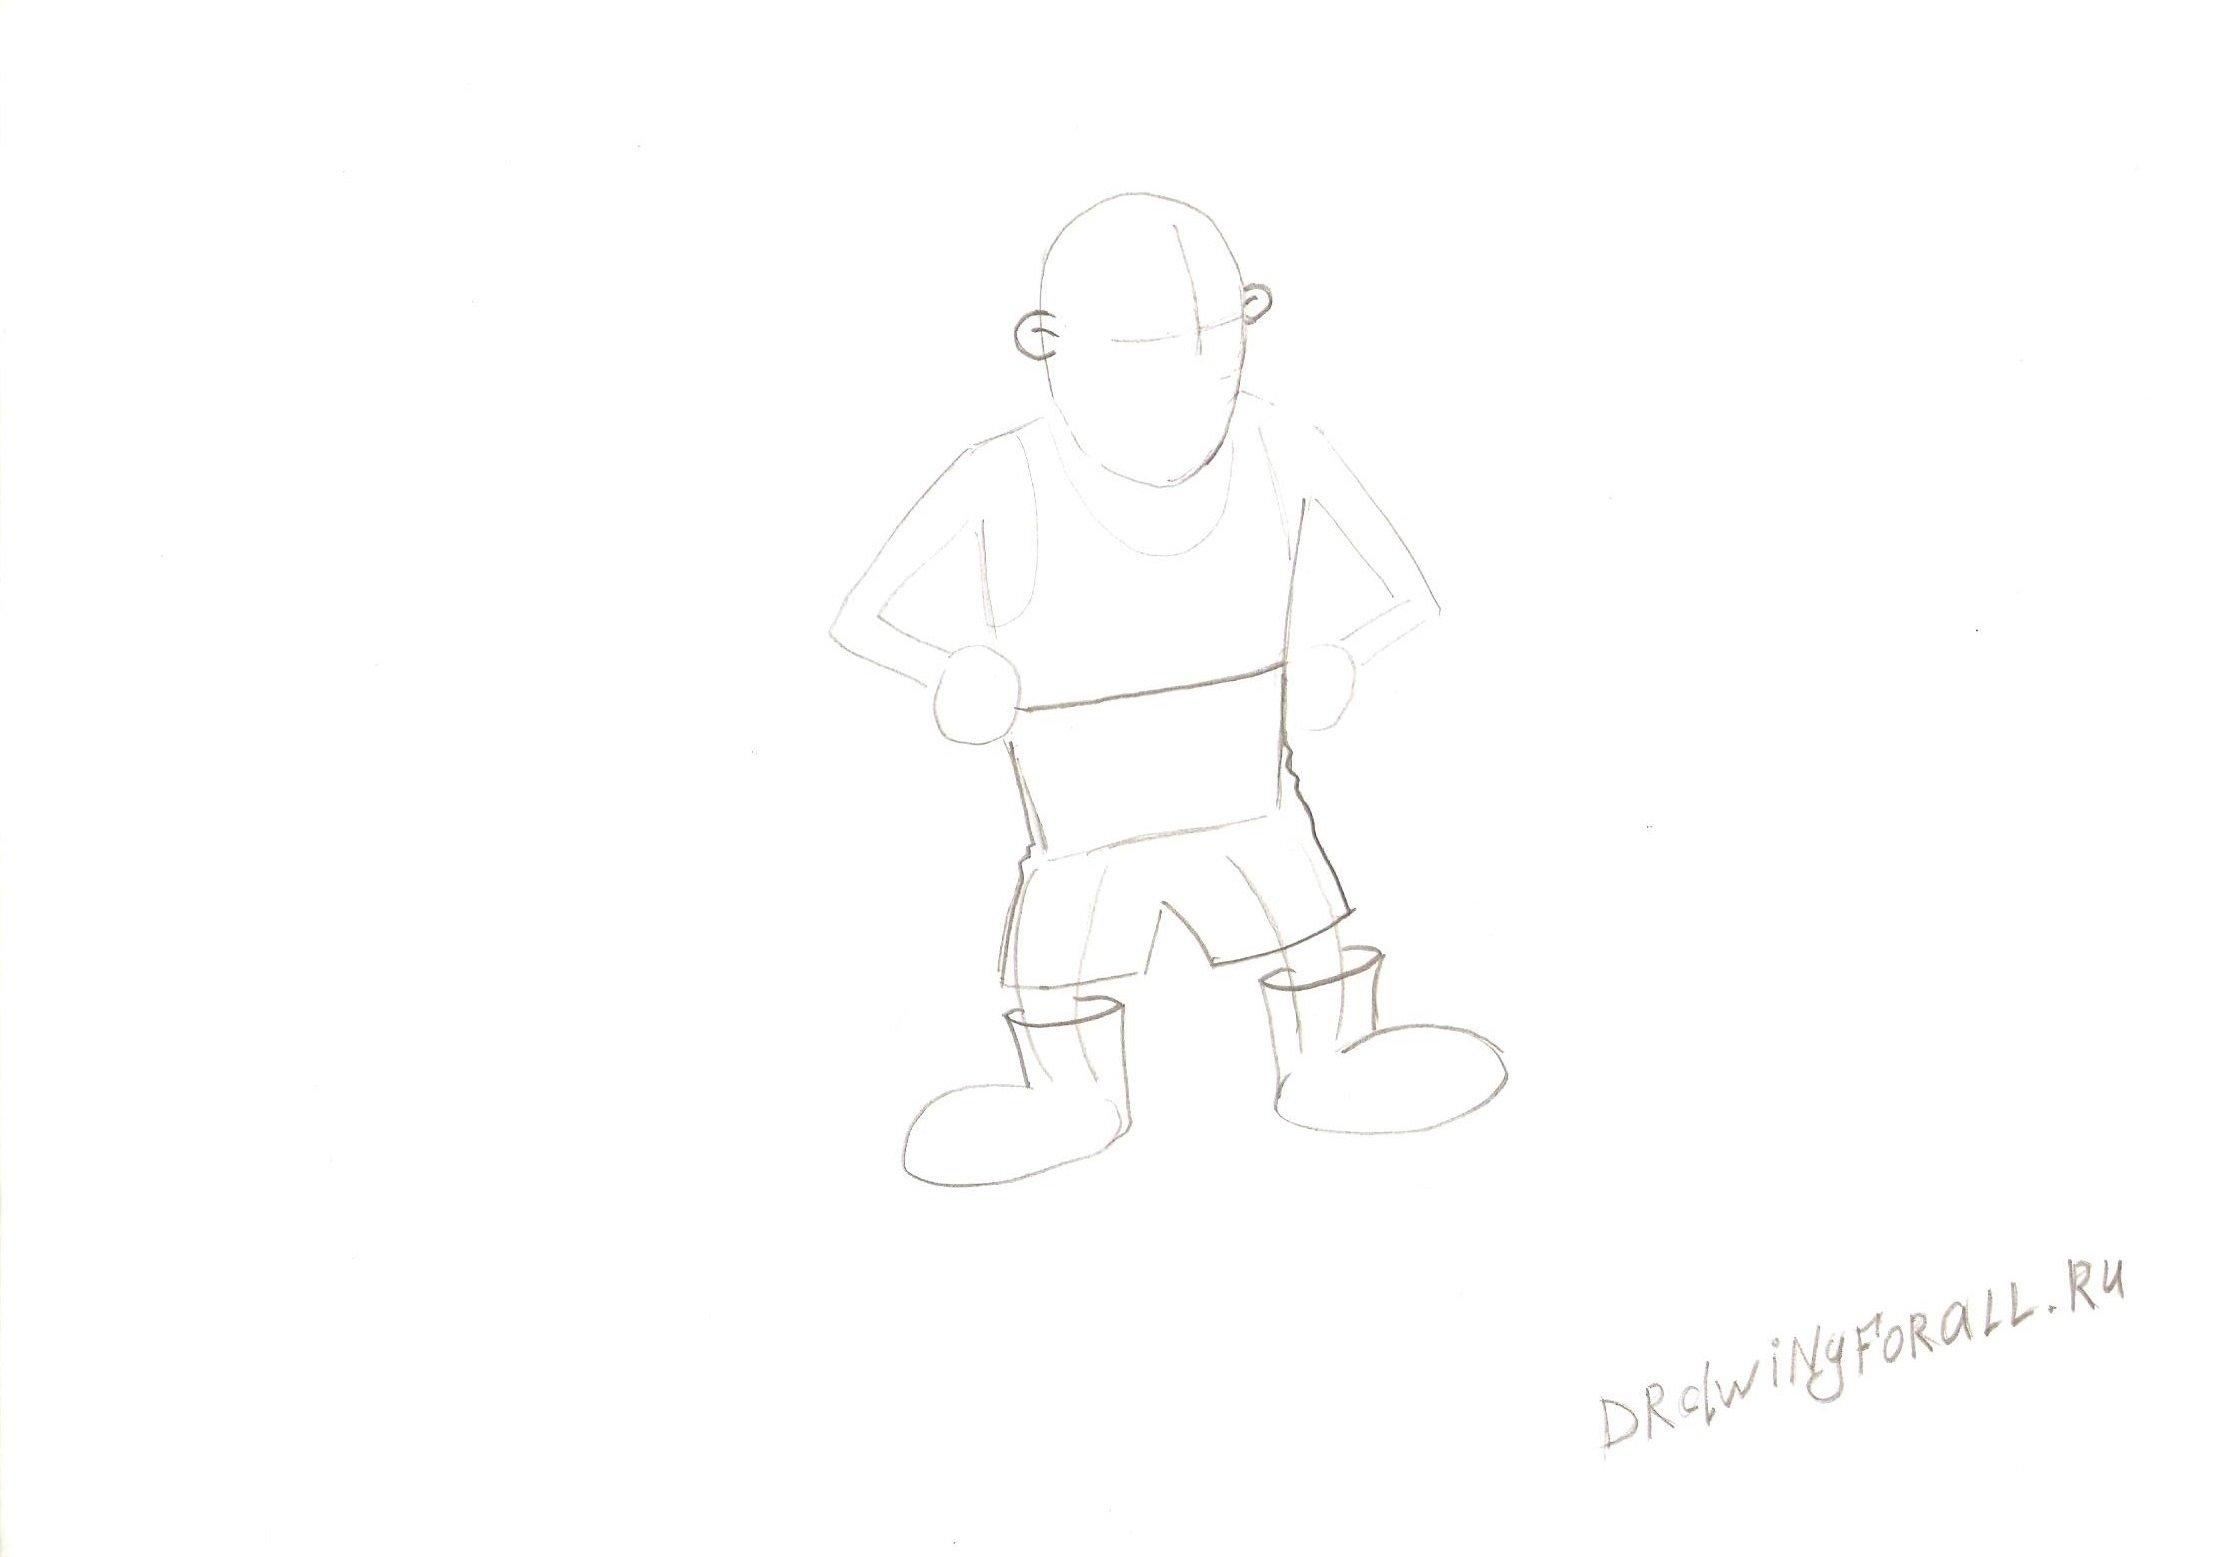 Как нарисовать человека поэтапно